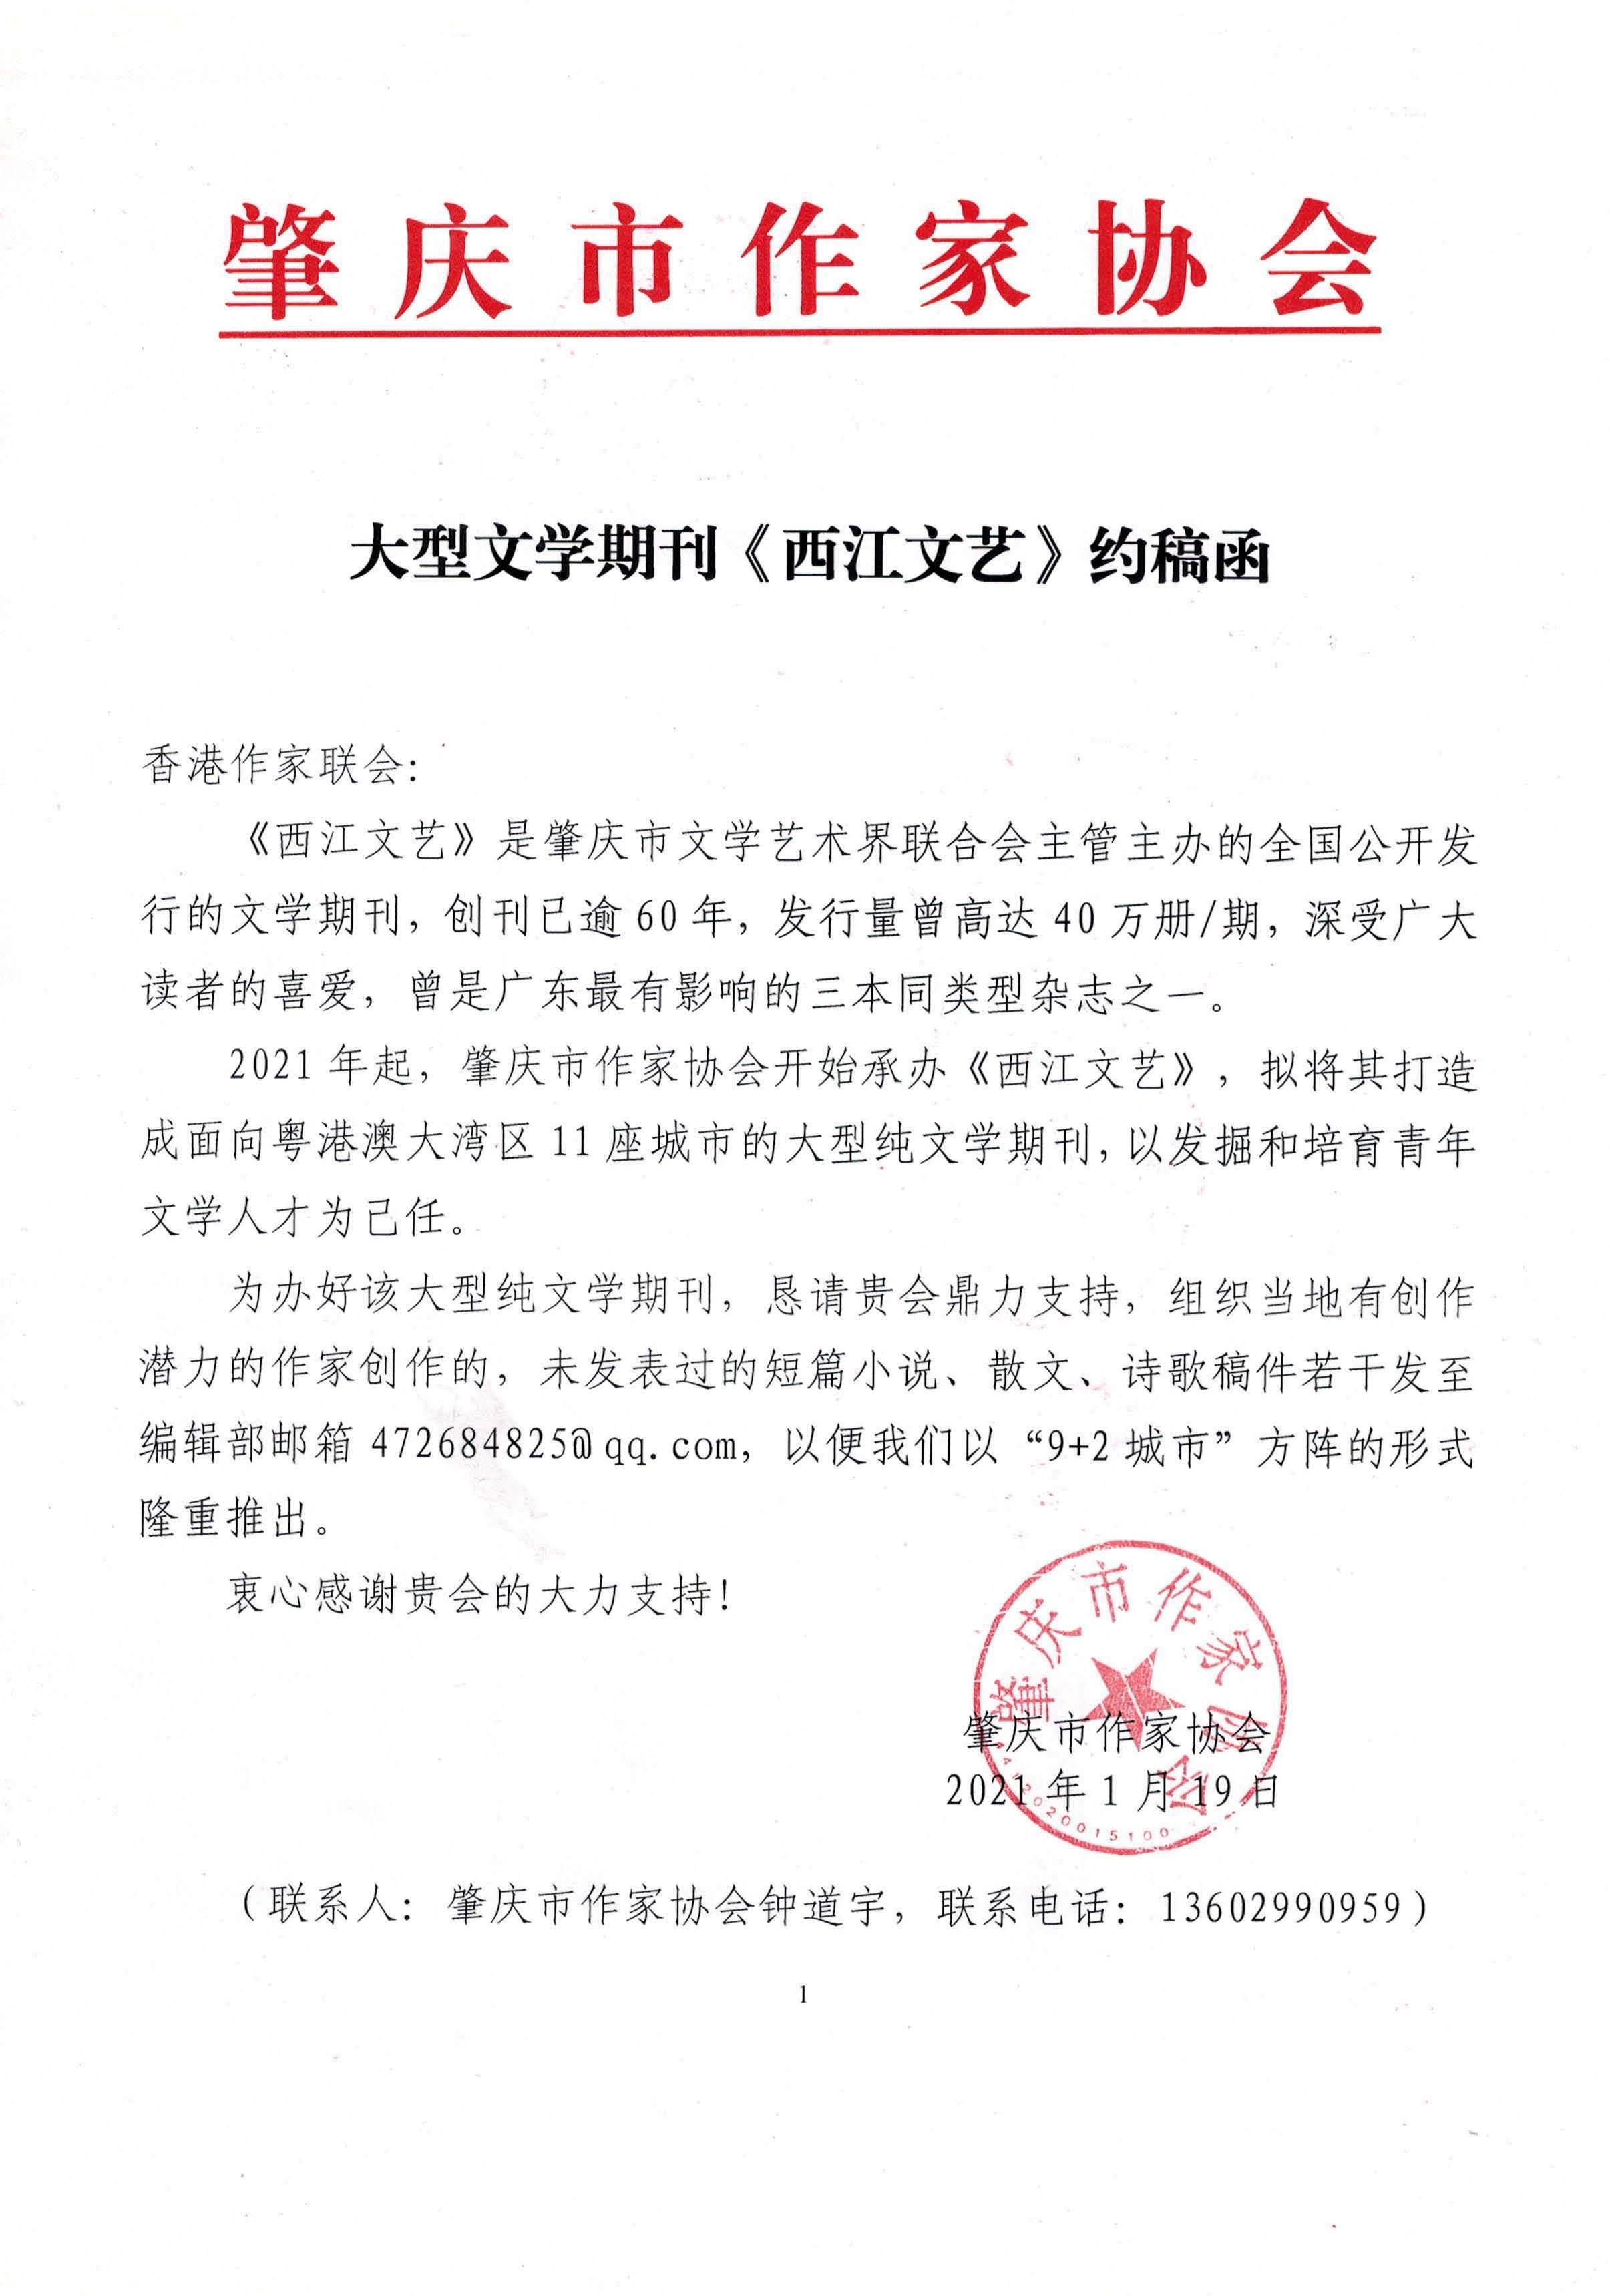 肇慶文學藝術界主辦:大型文學期刊《西江文藝》約稿